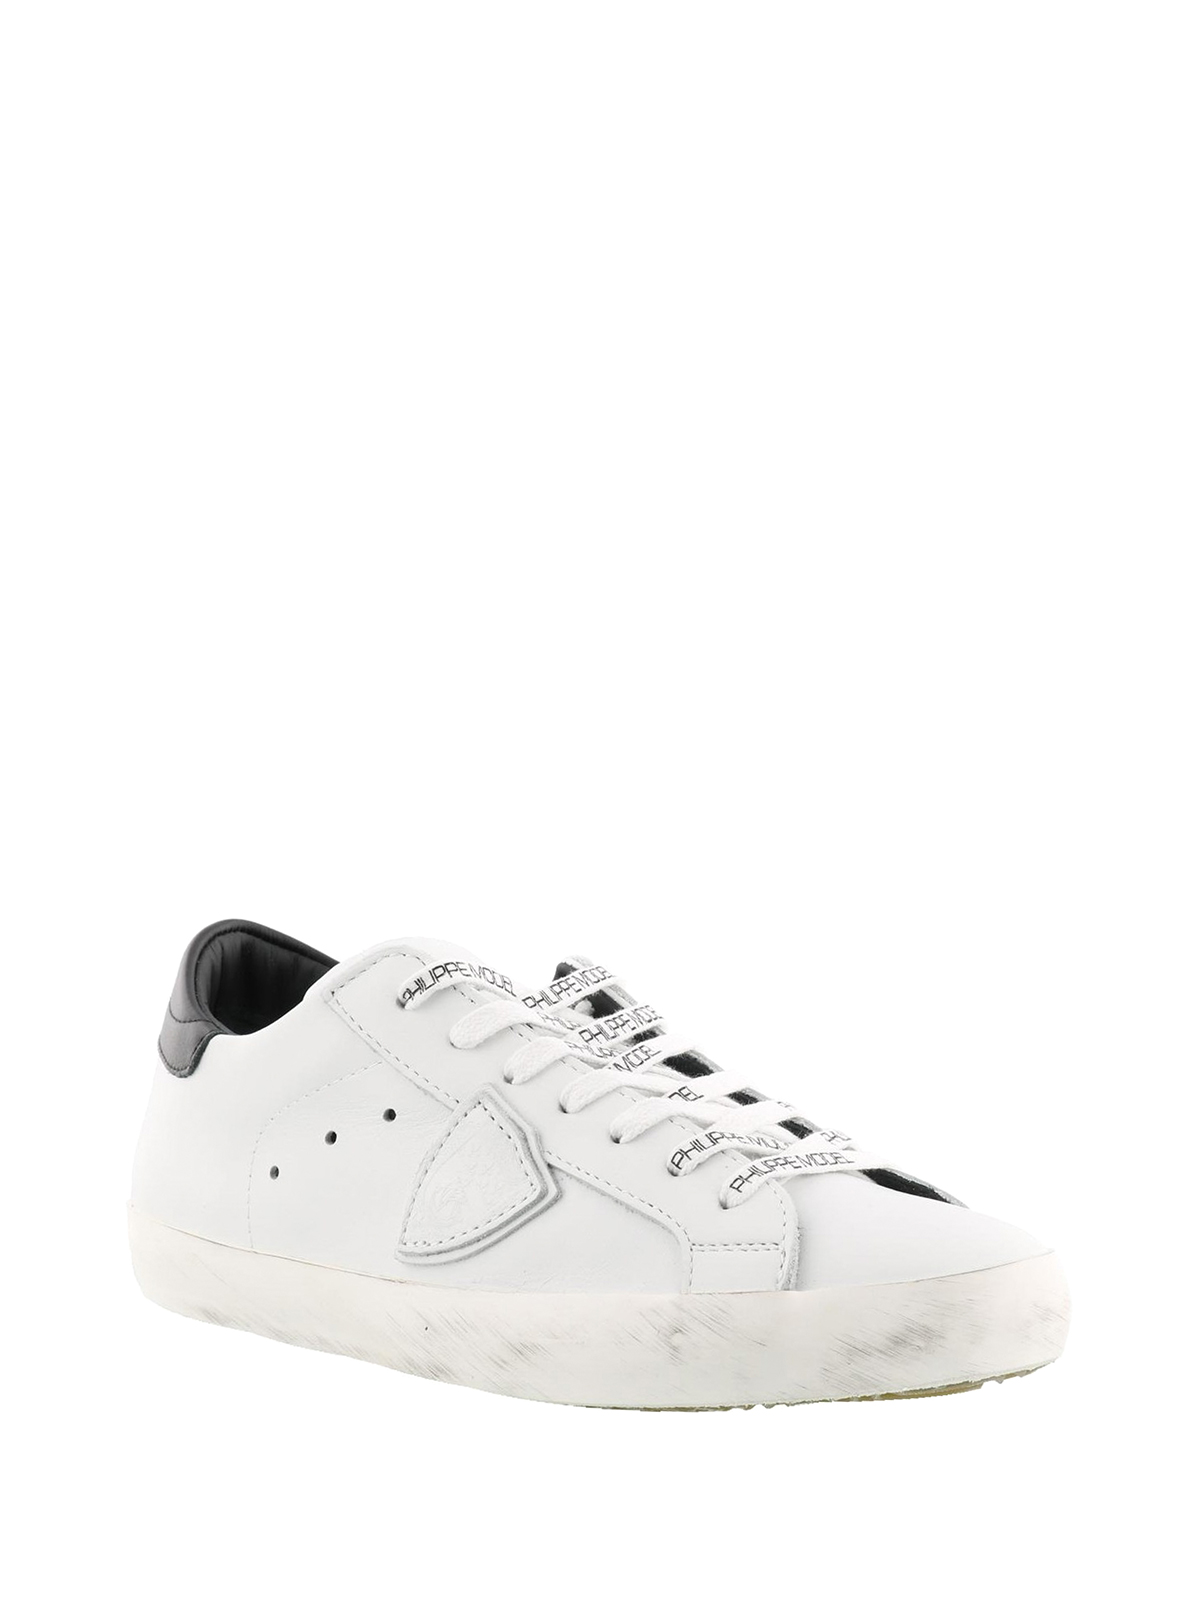 Model Philippe Sneaker Paris Con Pelle In Sneakers Logo V003 Cllu dCCqrwf e607babb61c